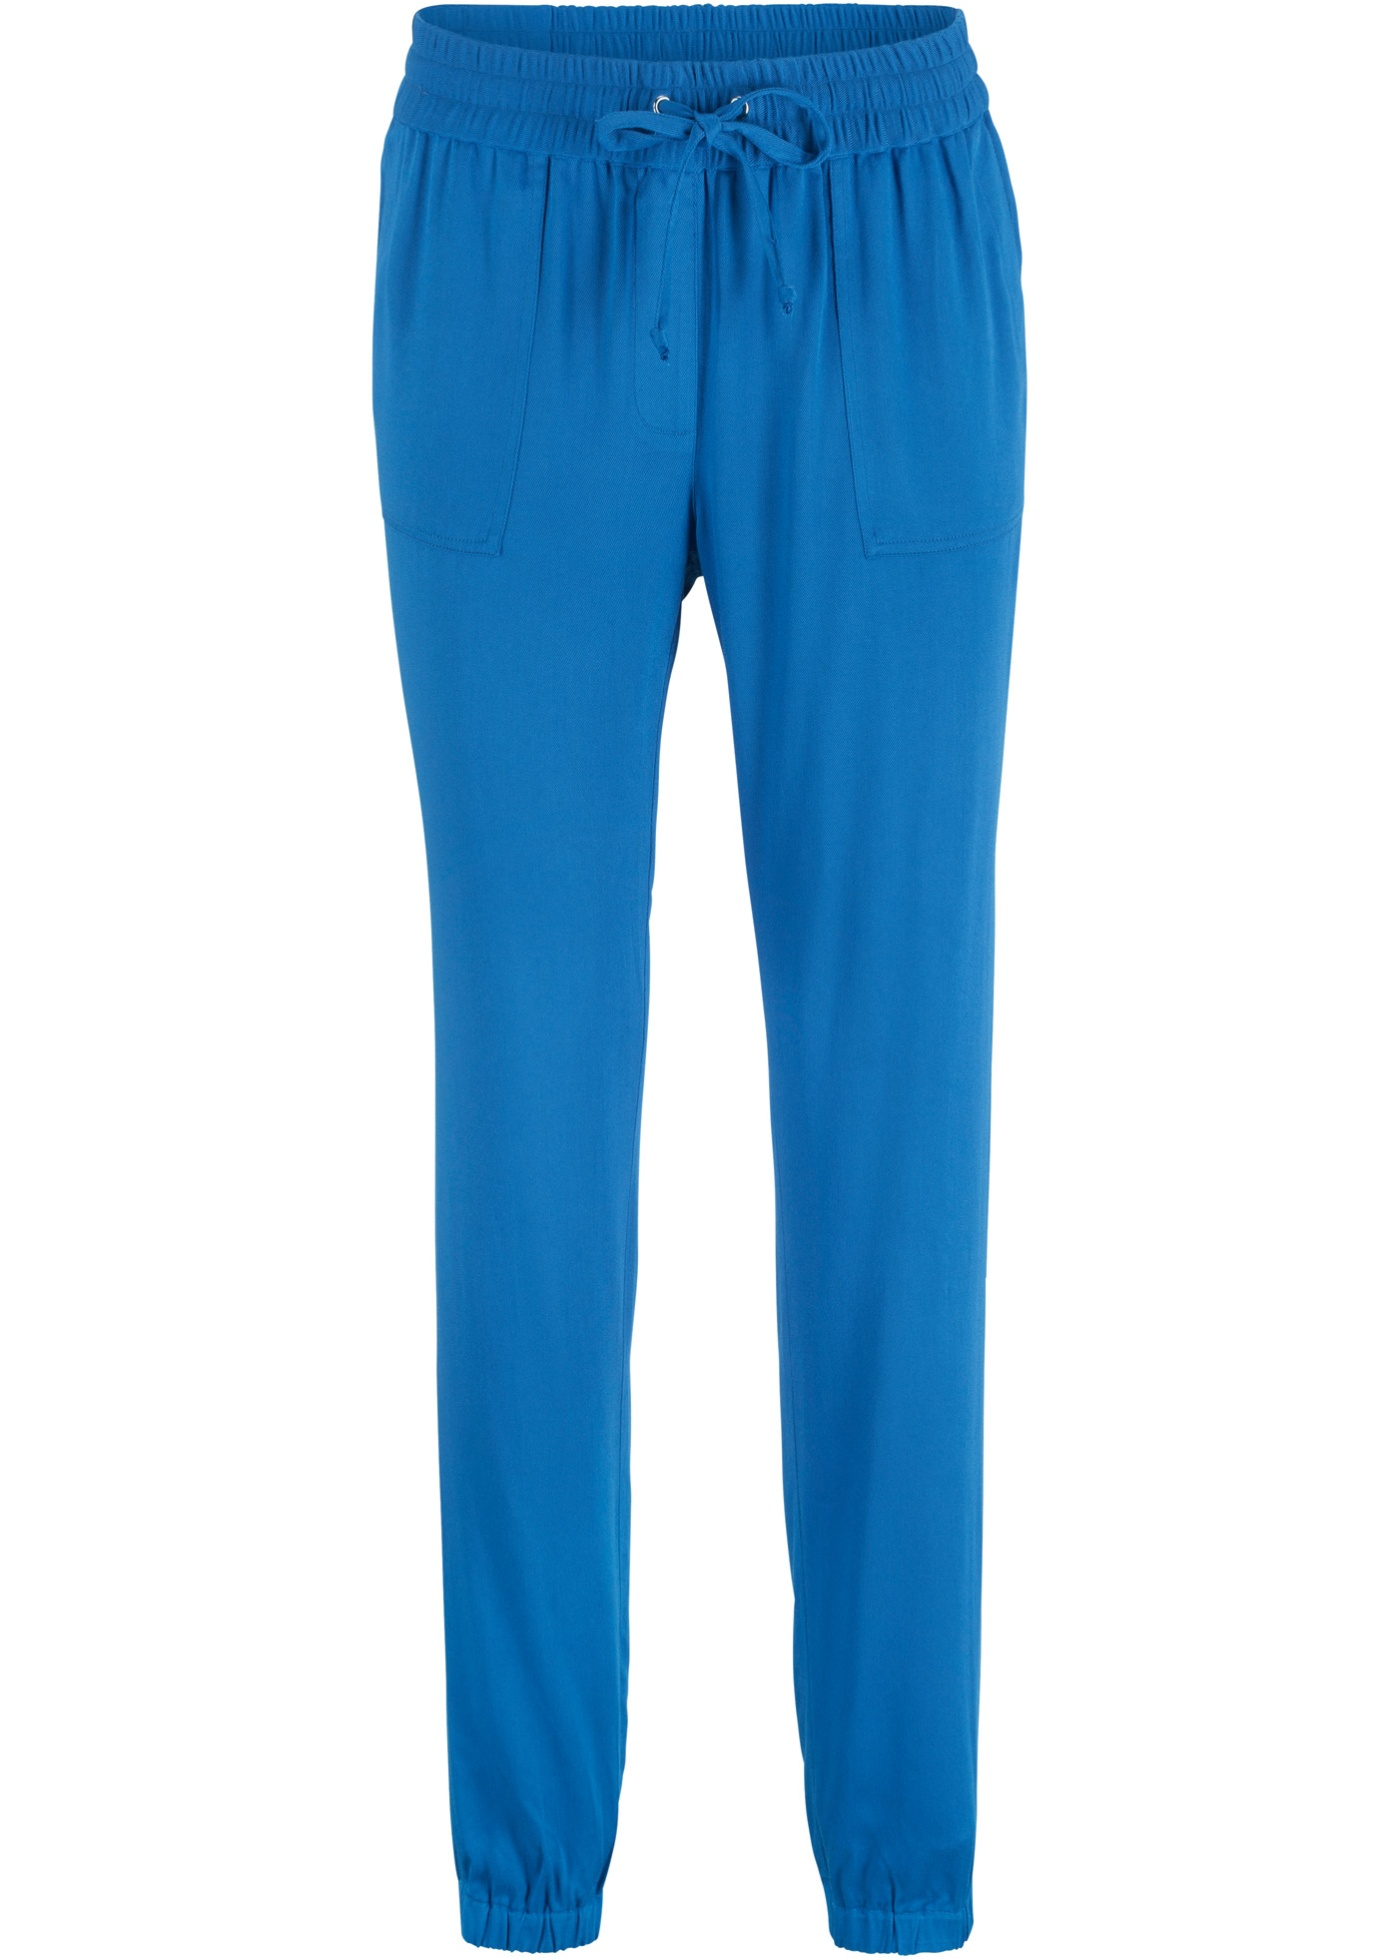 Fluide Bpc CollectionPantalon Bleu Femme Pour Viscose Bonprix En 543ALRj